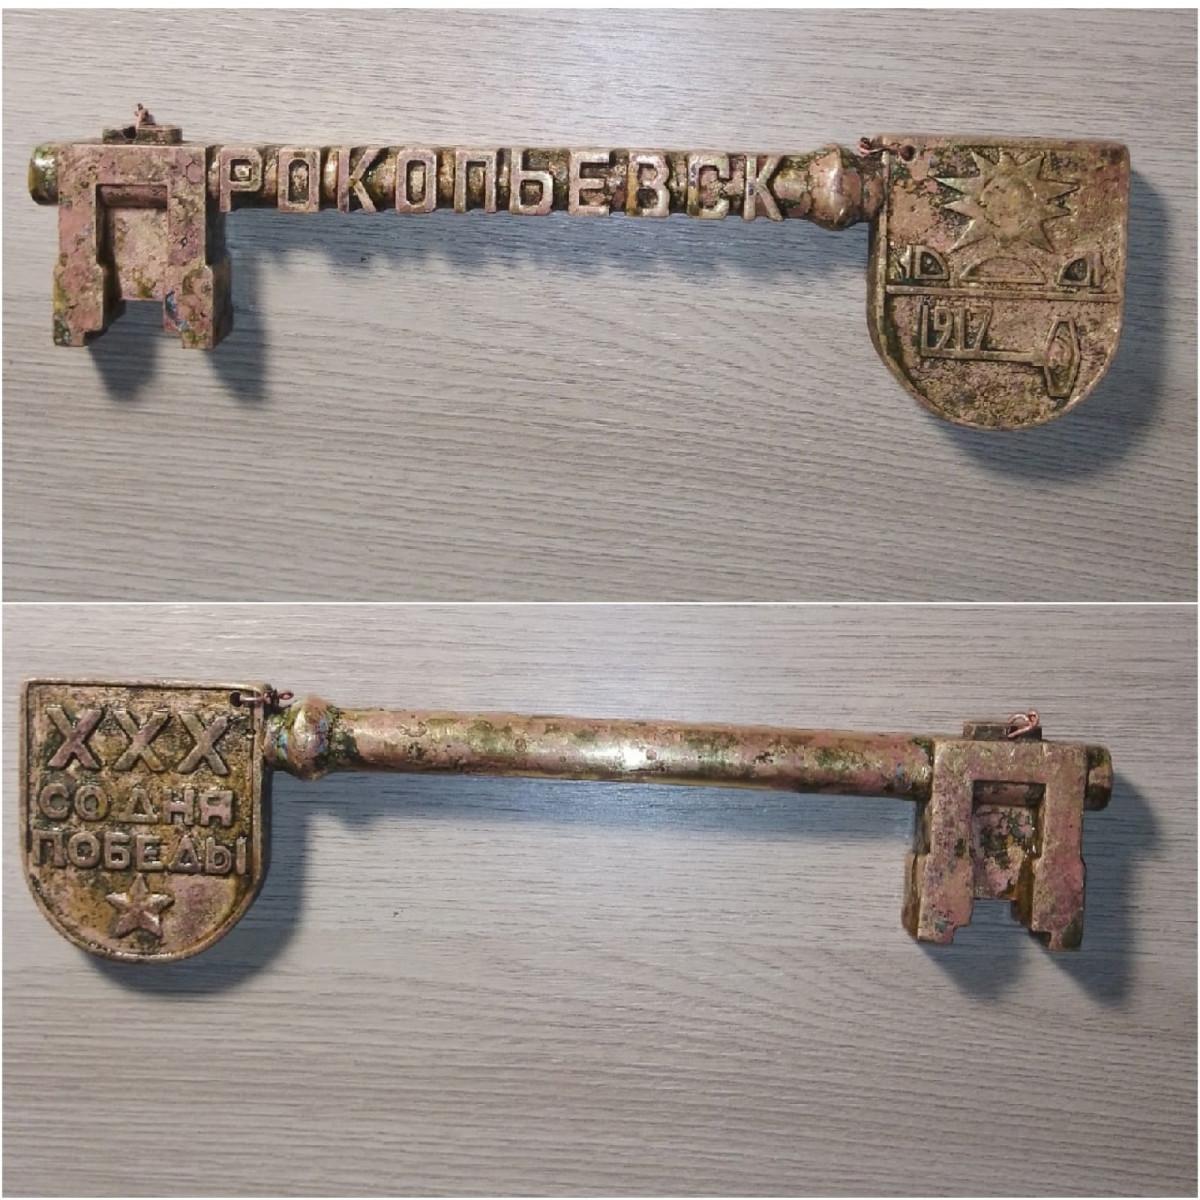 Юбилейный ключ Прокопьевска найден в Новгородской области